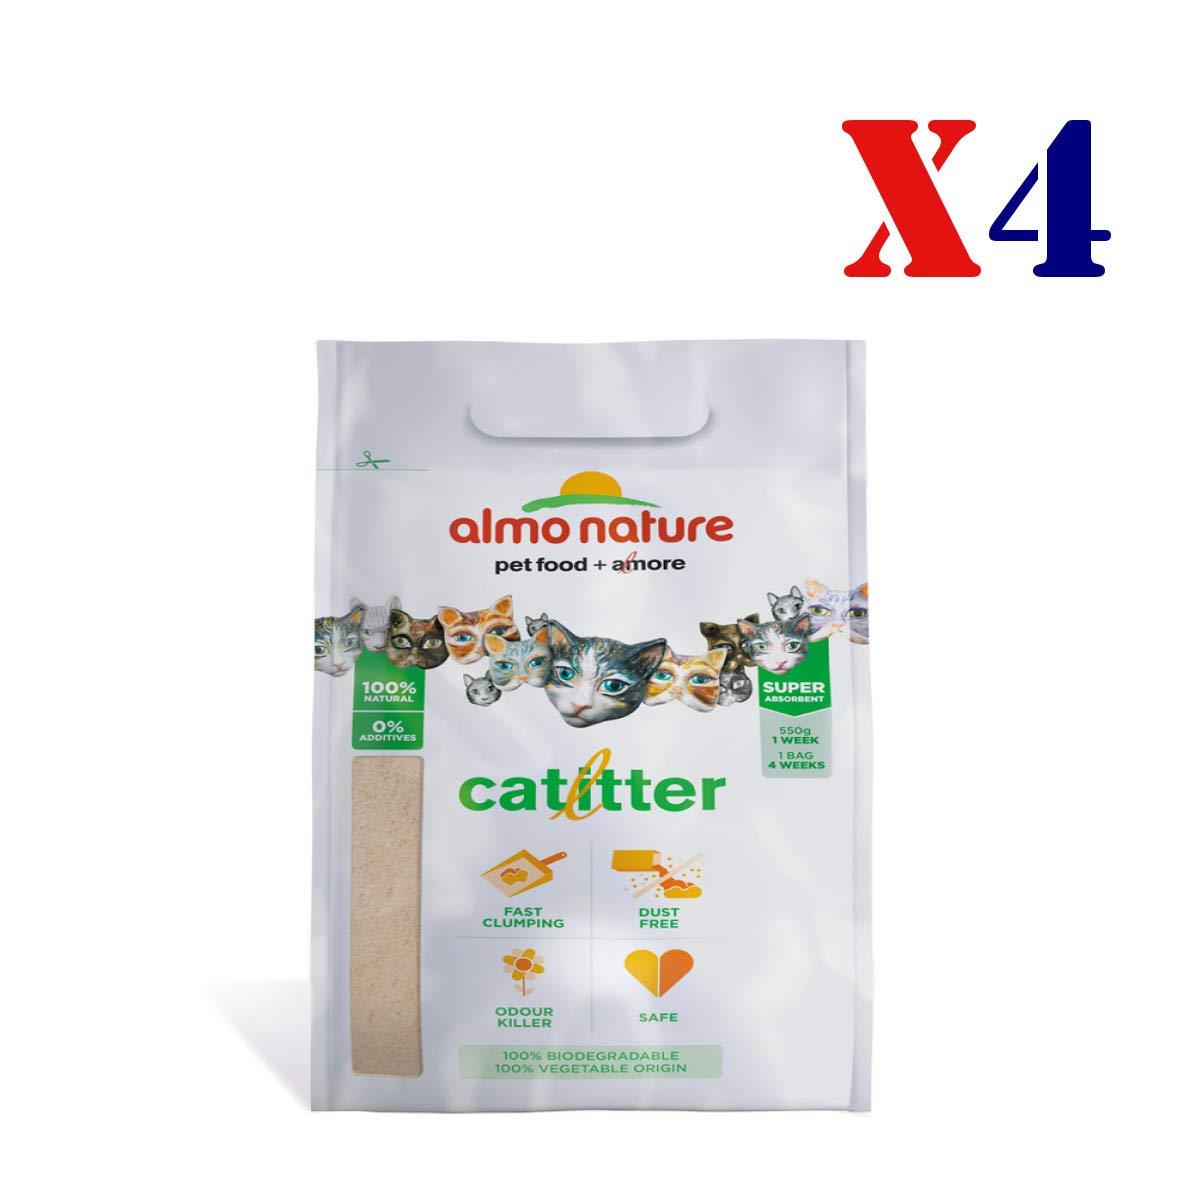 Almo Nature lettiera per Gatti 4X 4,54 kg